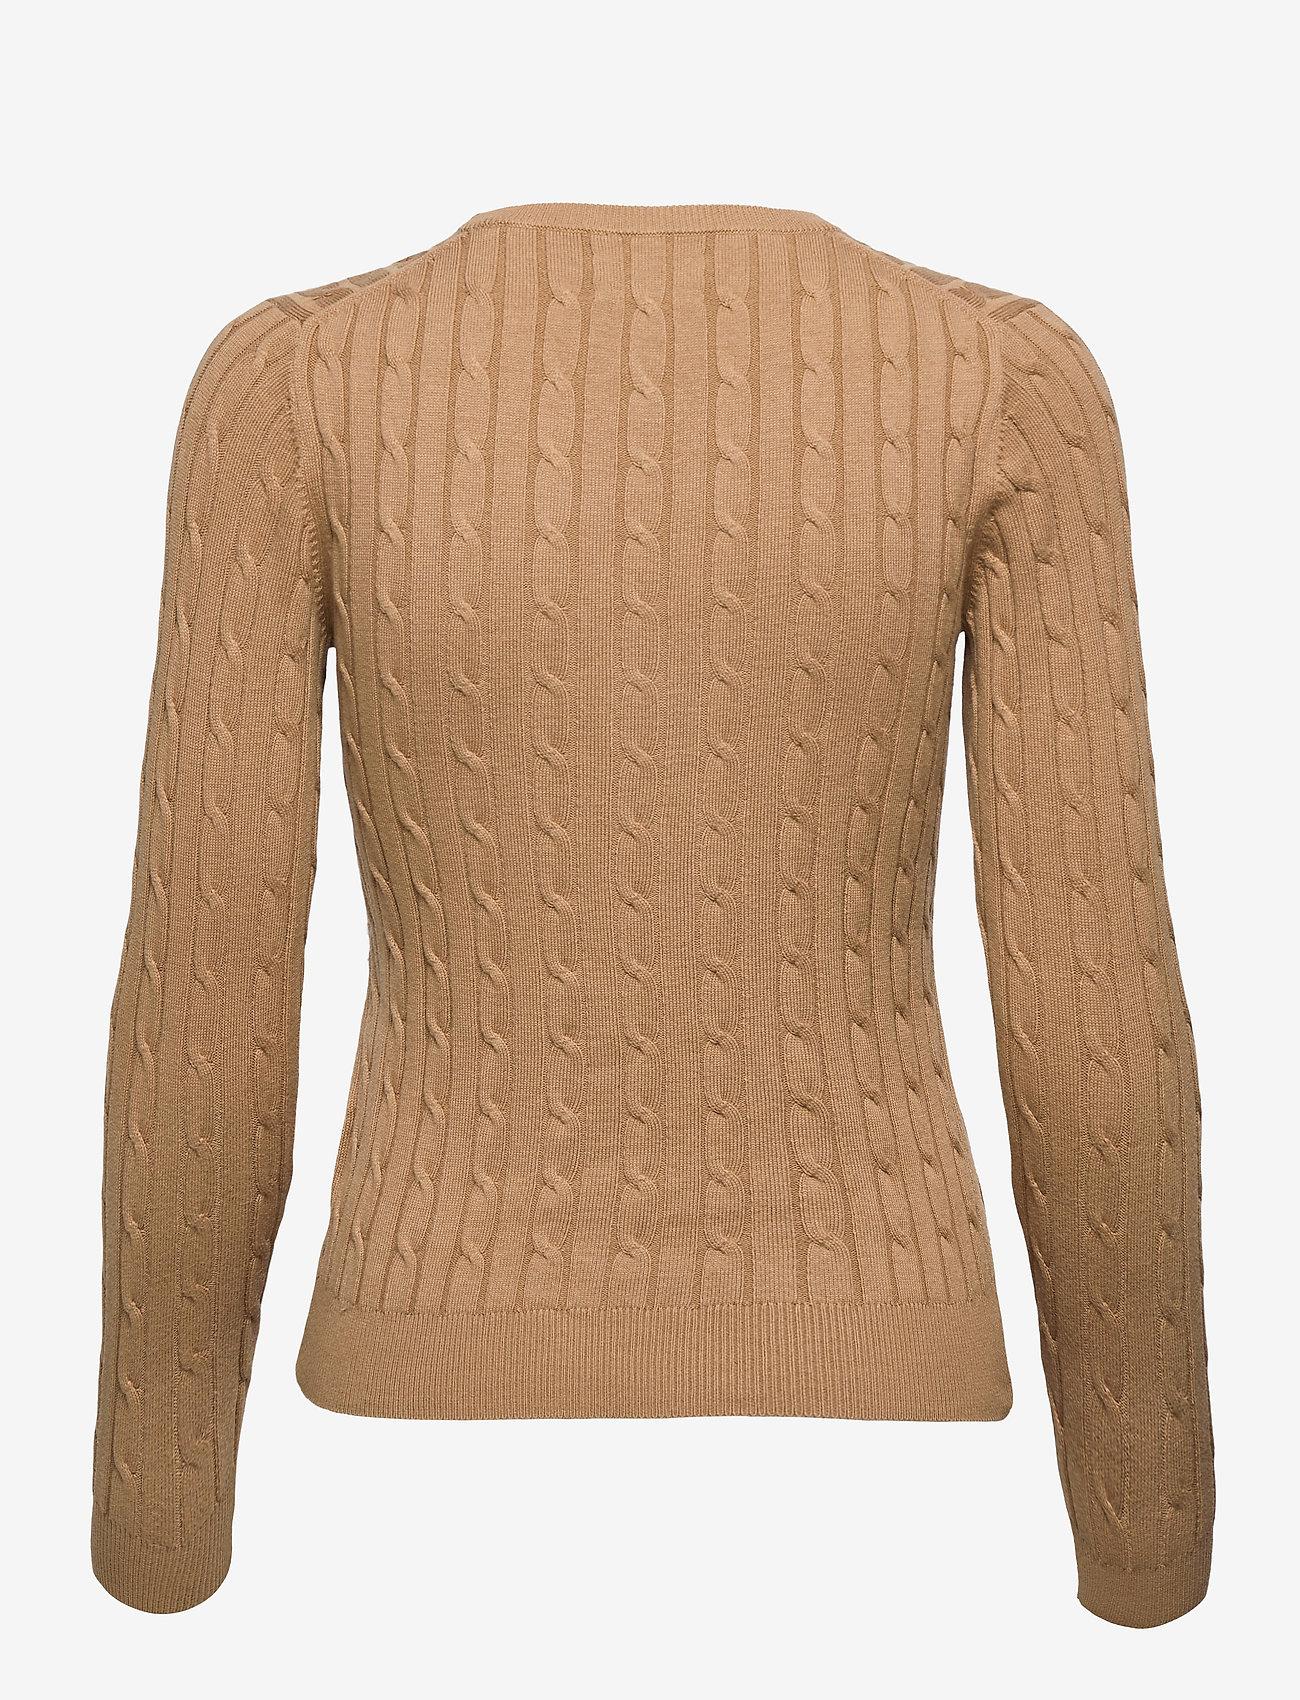 GANT - STRETCH COTTON CABLE C-NECK - jumpers - warm khaki - 1